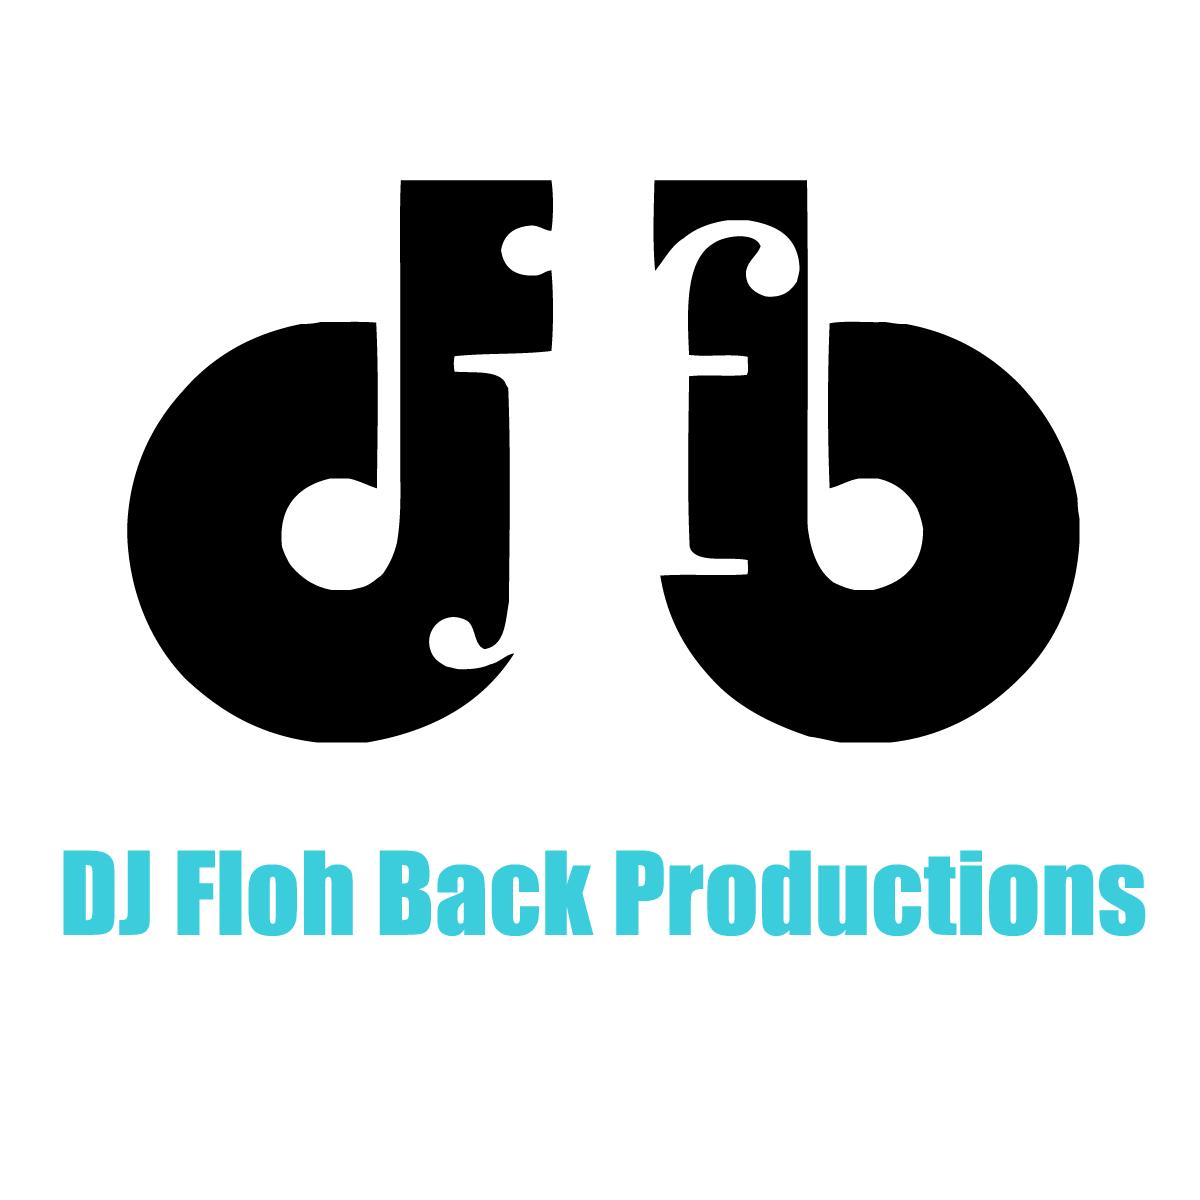 djfb_logoBLUE_highres.jpg